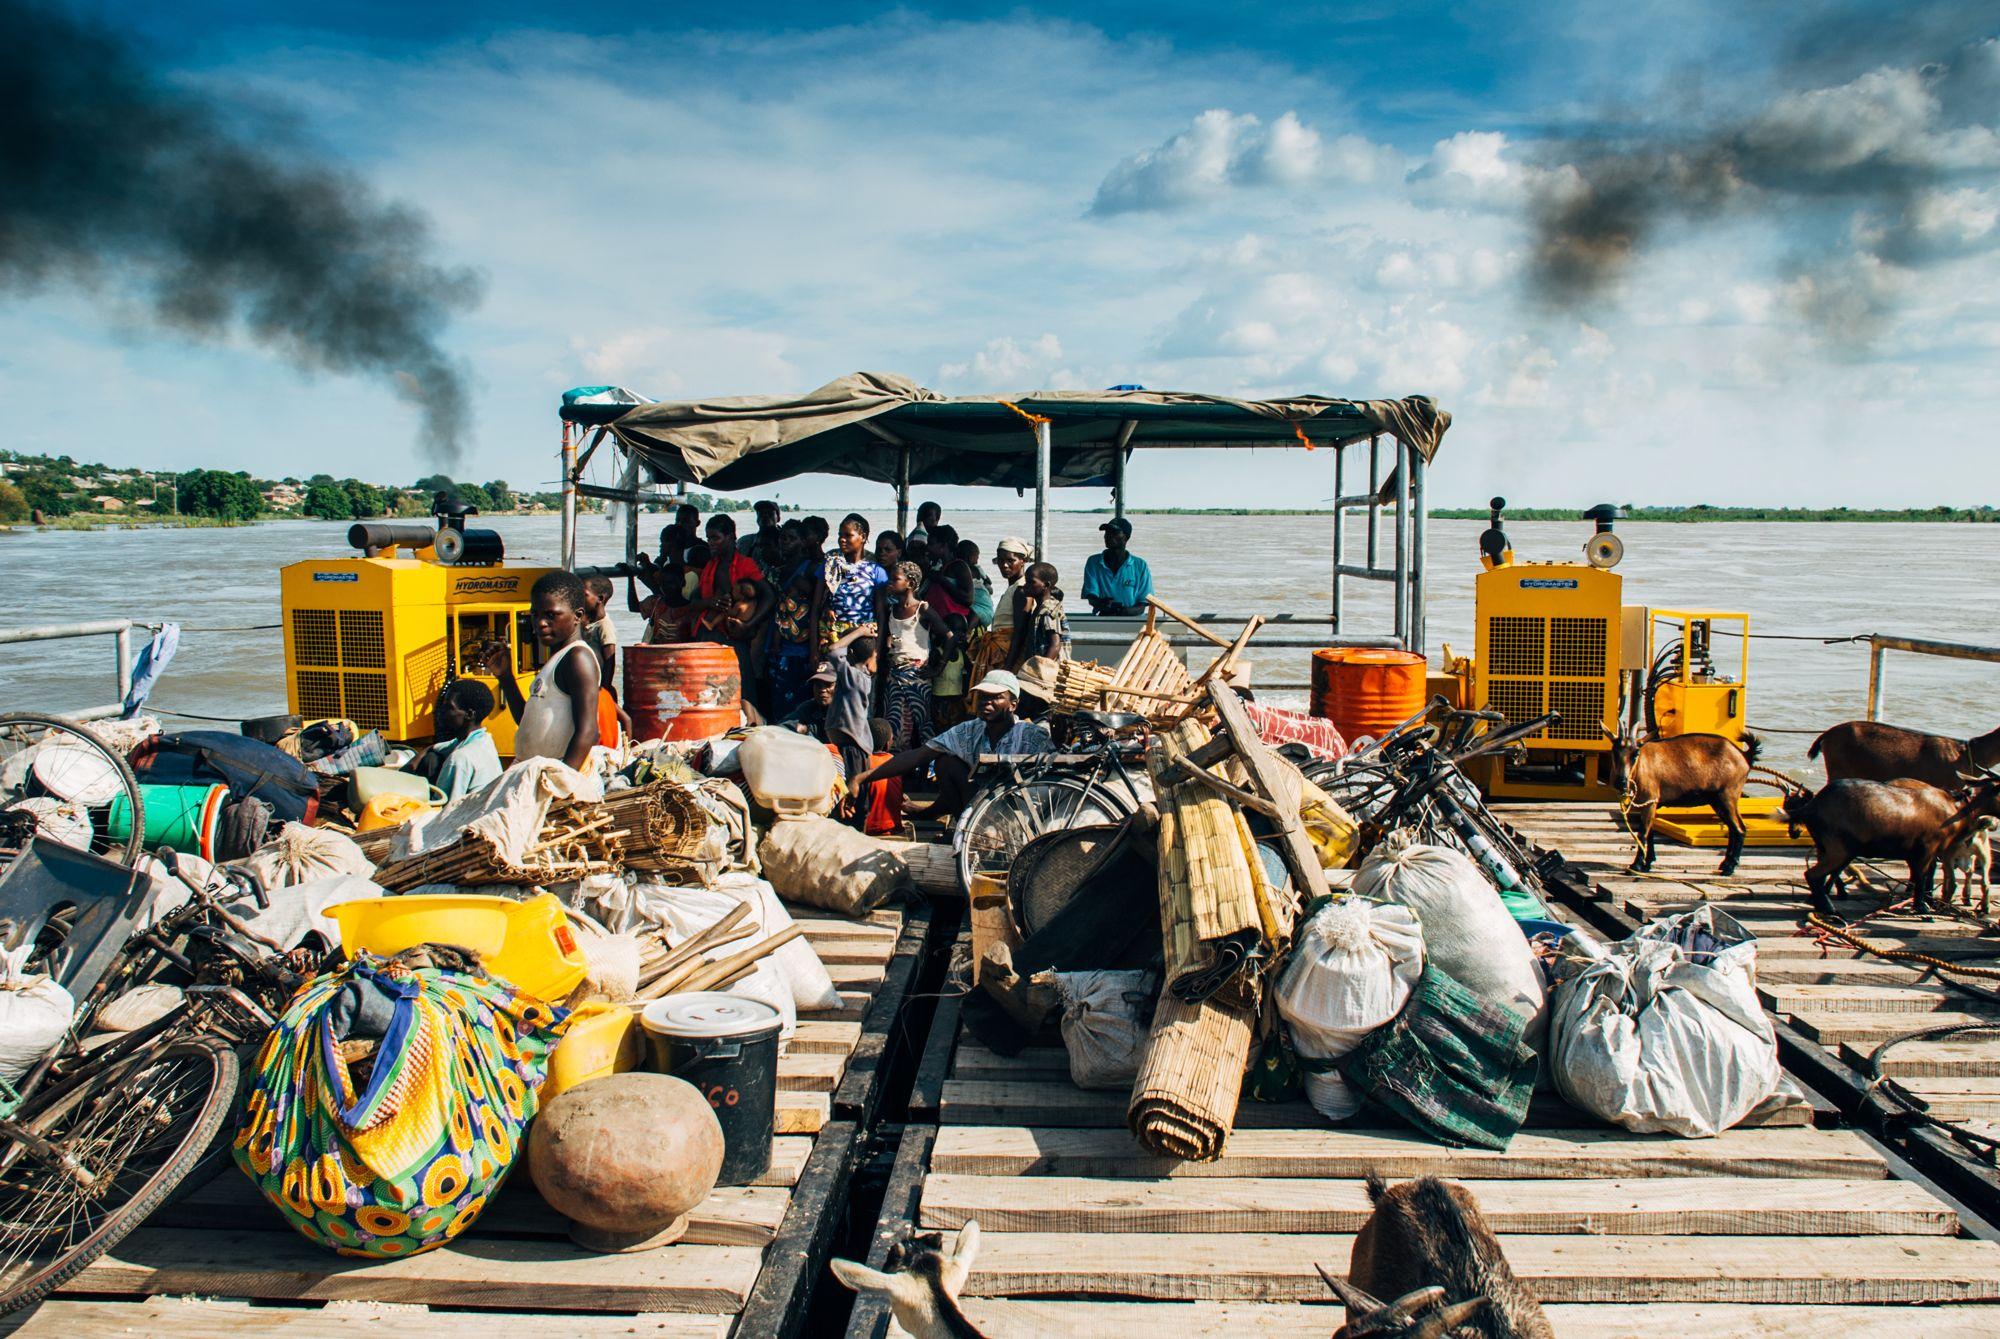 Båten tok folk og fe inn til trygt land hvor de ble lempet på lastebilder for å kjøres til midlertidige teltleire.